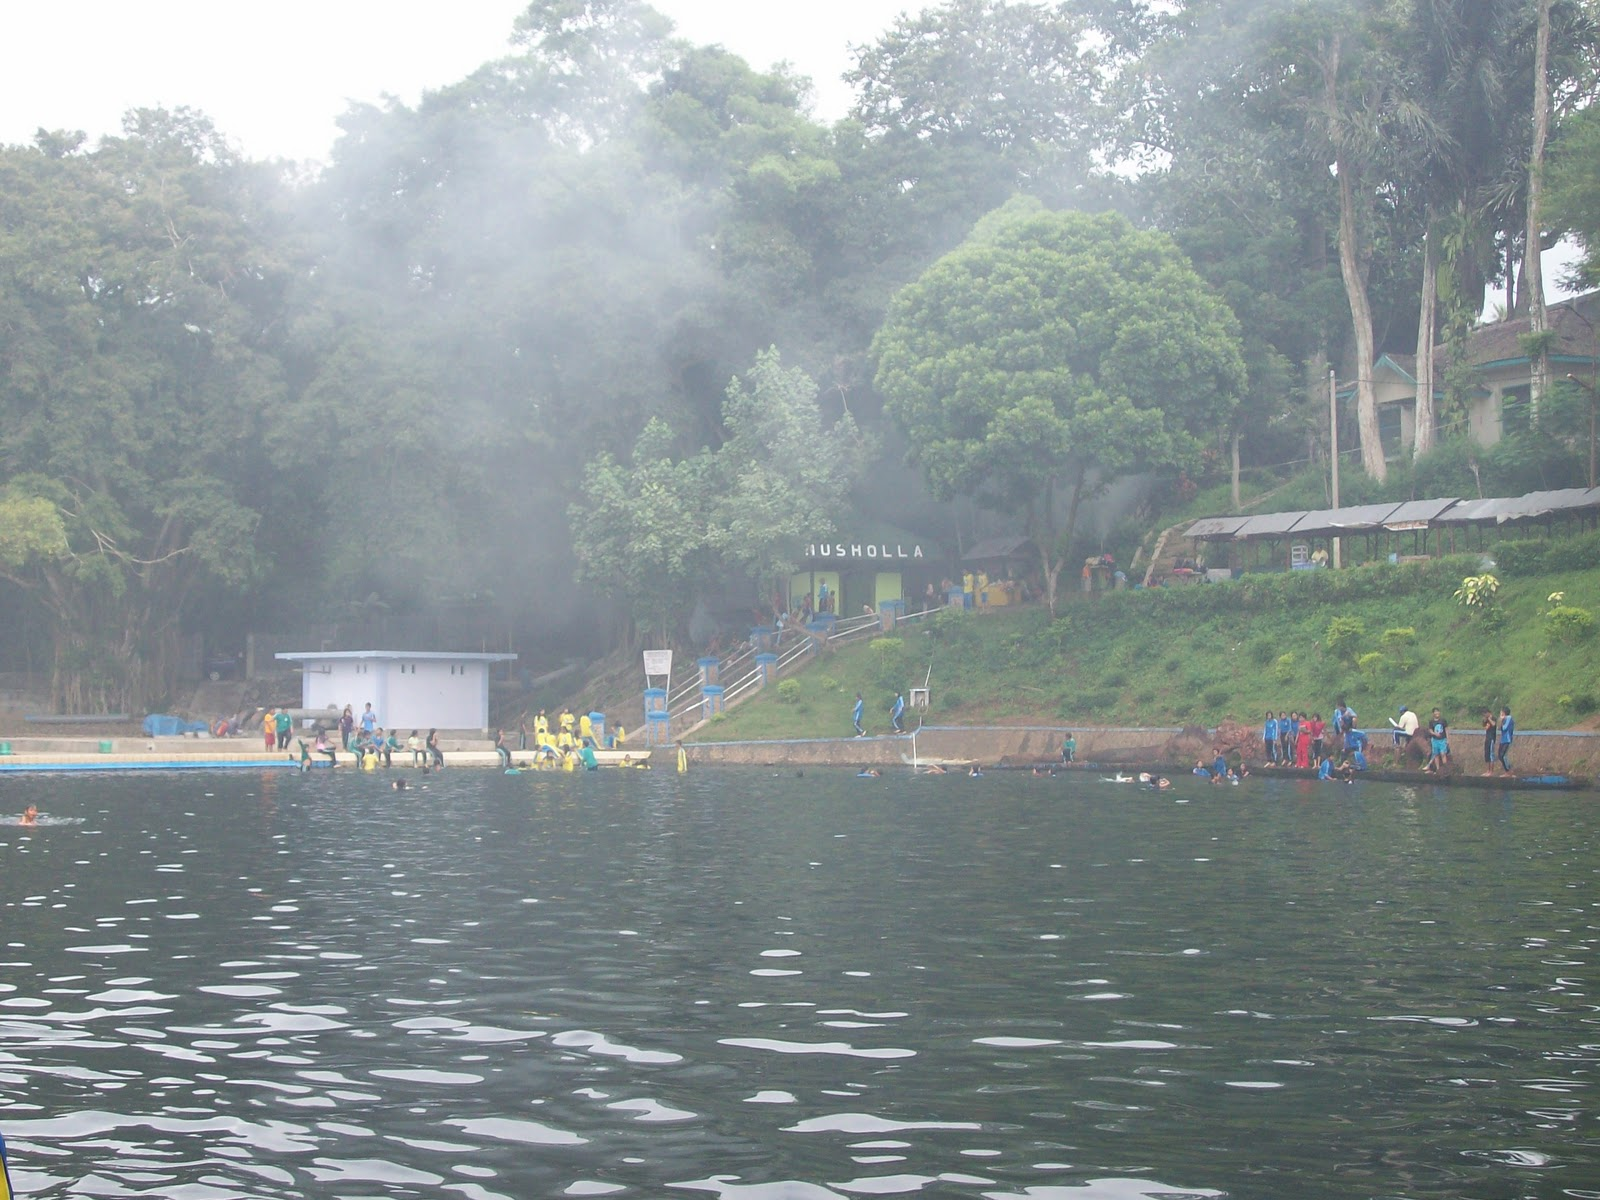 Lumajang Social Hiking Pemandian Alam Awalnya Wilayah Dikenal Selo Kambang